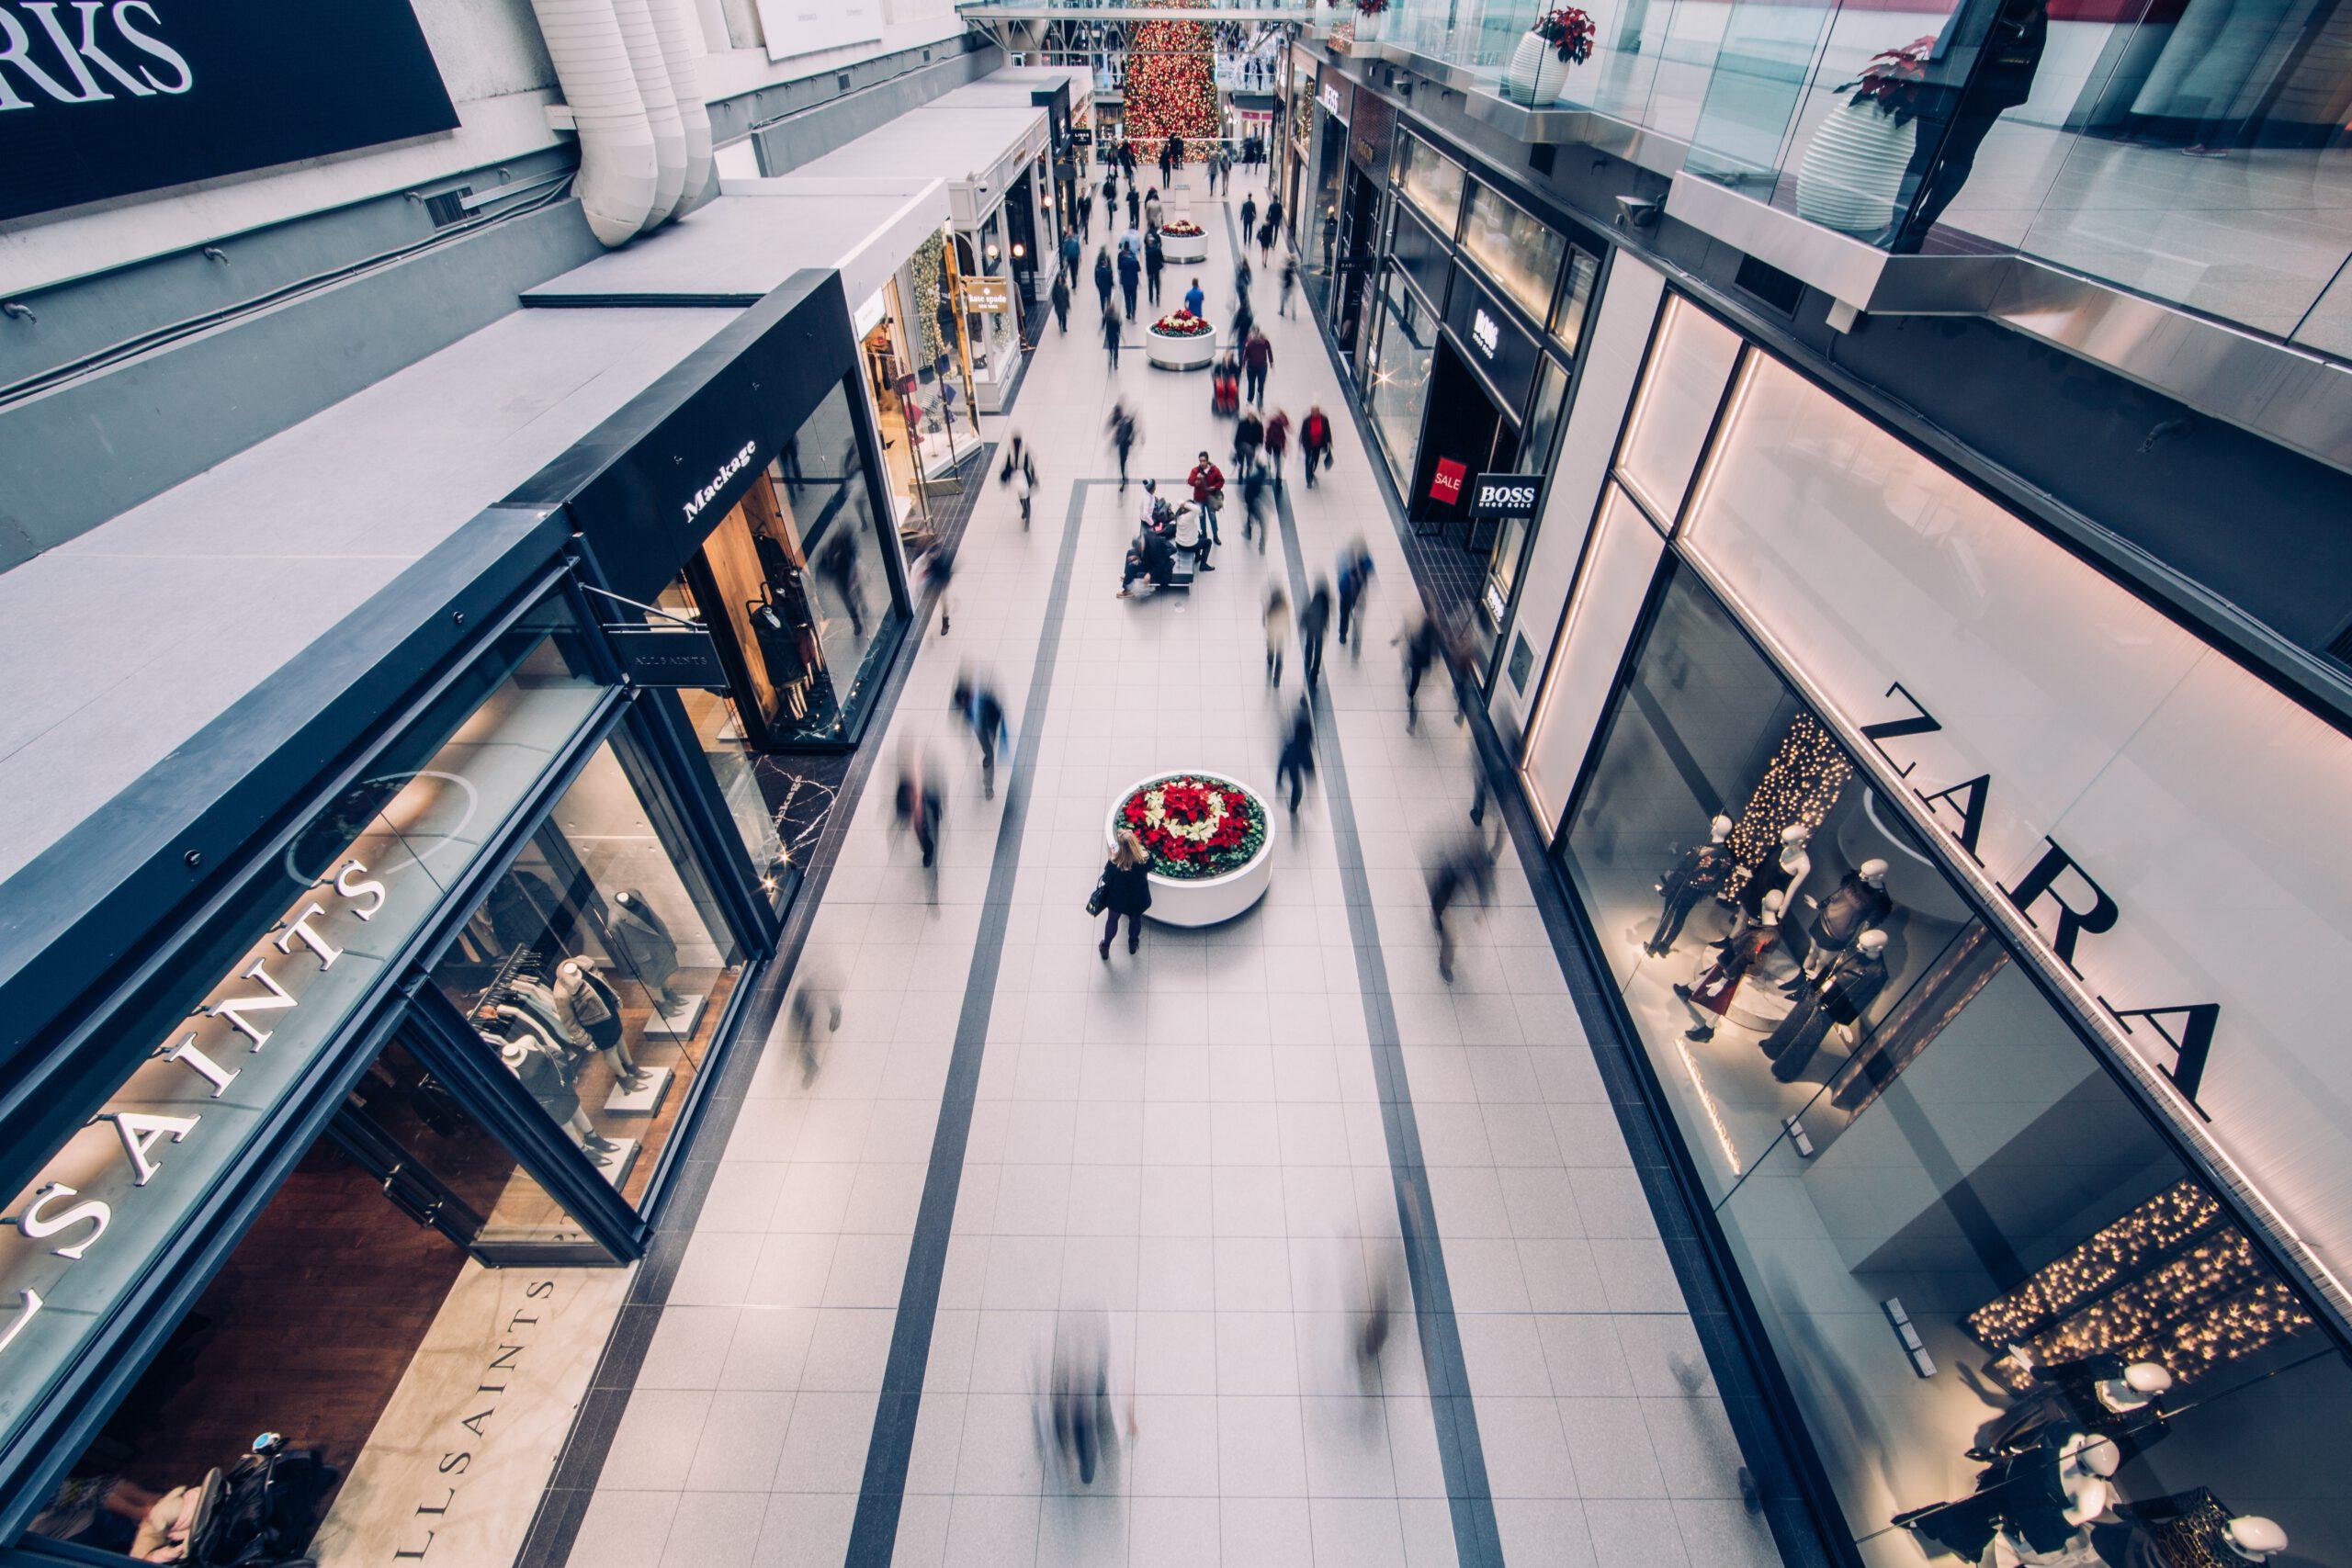 ¿Comprar o alquilar un local para tu negocio?¿Que es más rentable?